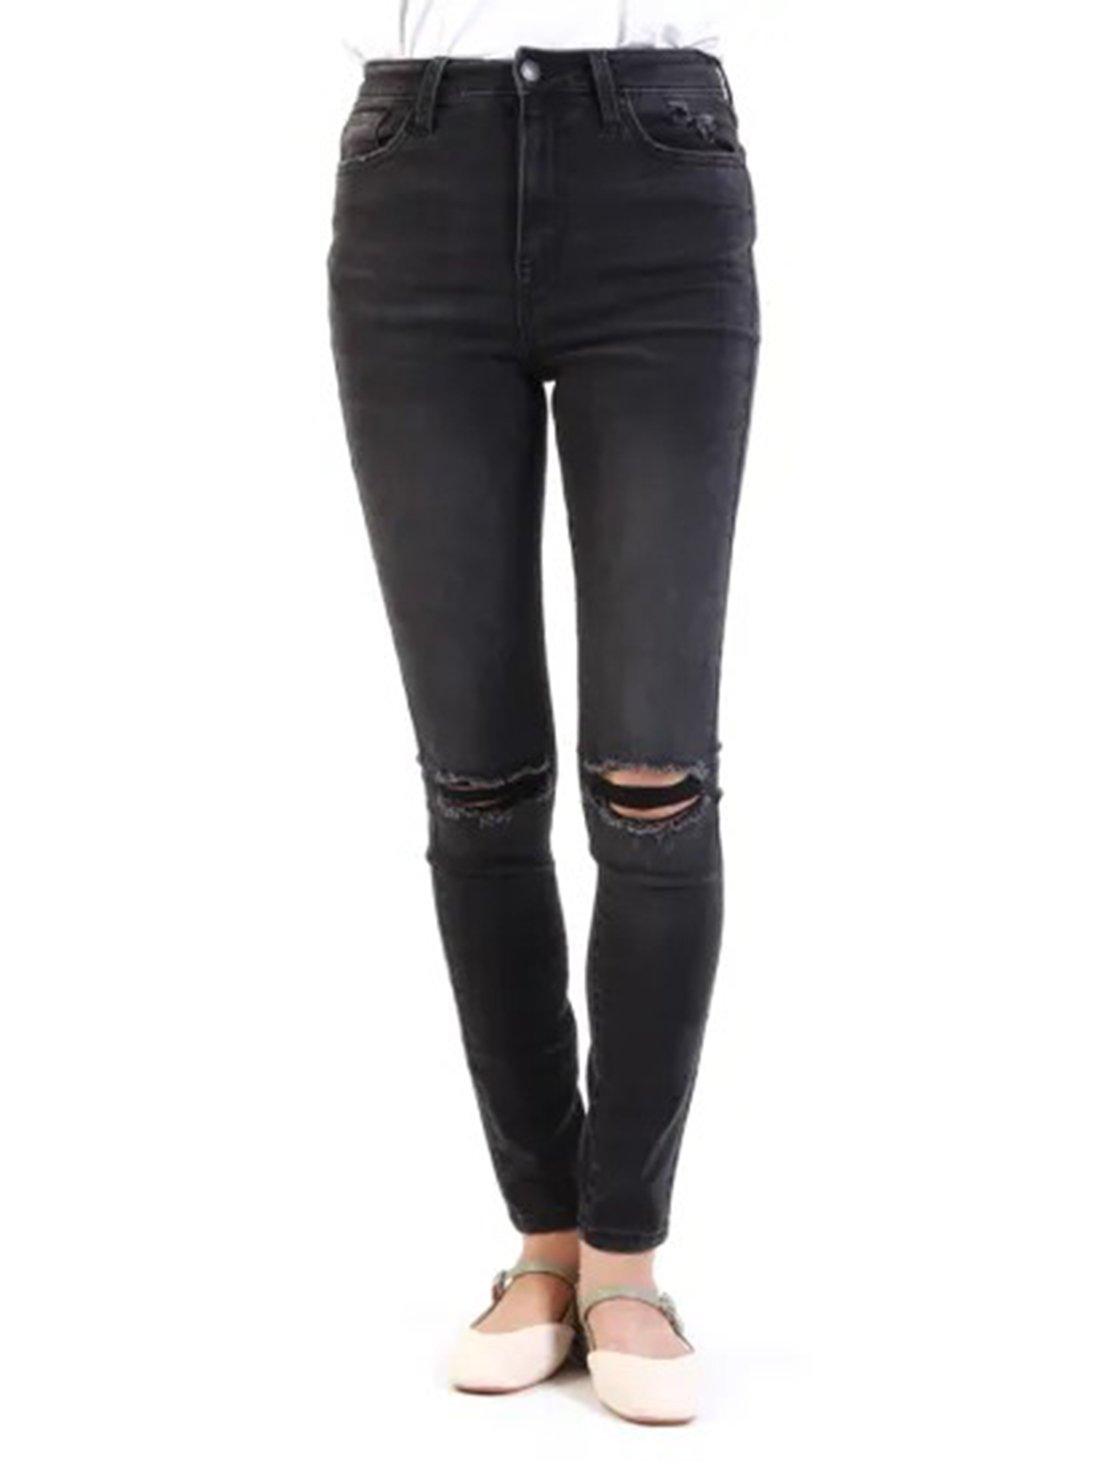 Mid Waist Ladies Jeans